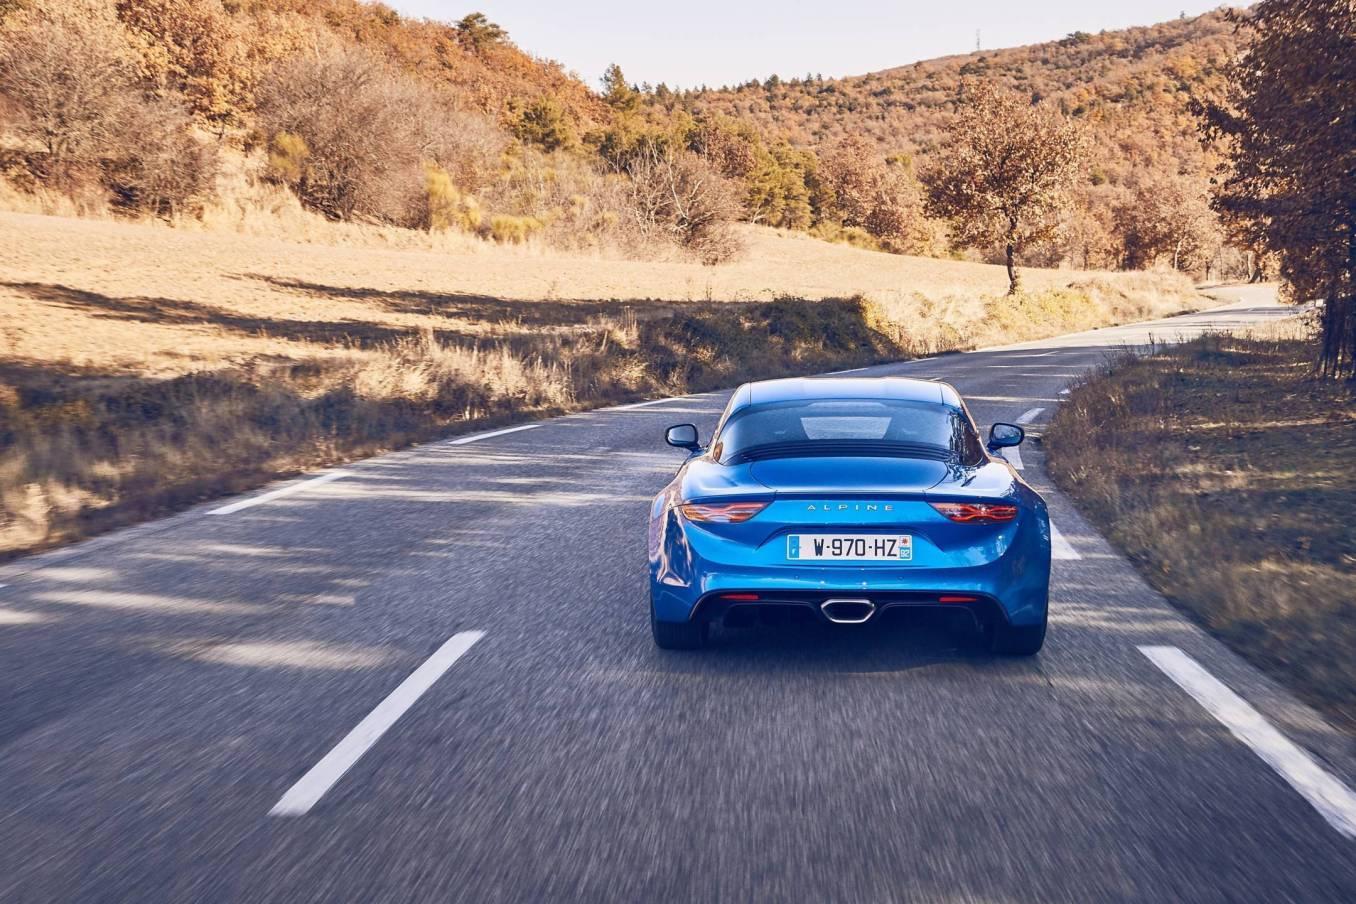 Alpine planet 2017 Alpine A110 test drive 34 | Notre essai de la nouvelle Alpine A110 sur route !